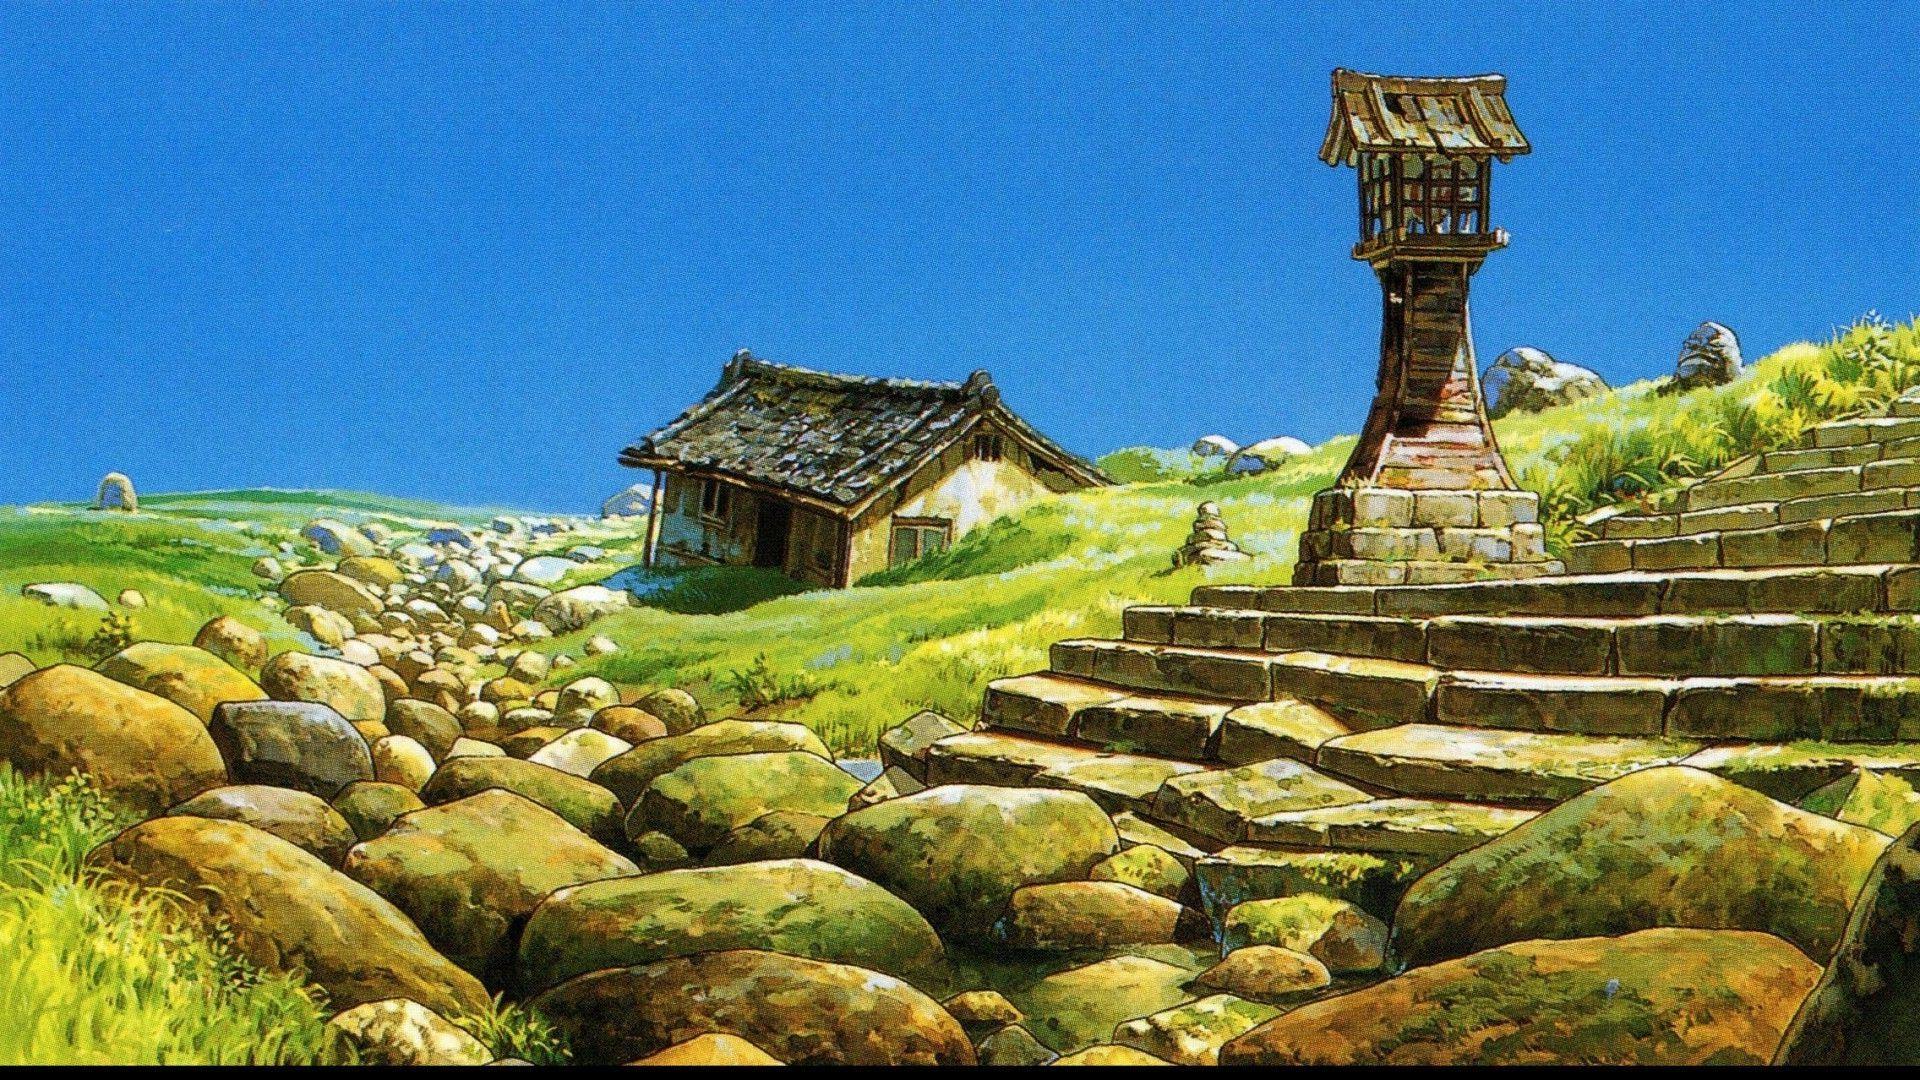 Studio Ghibli Wallpaper Hd 72 Images